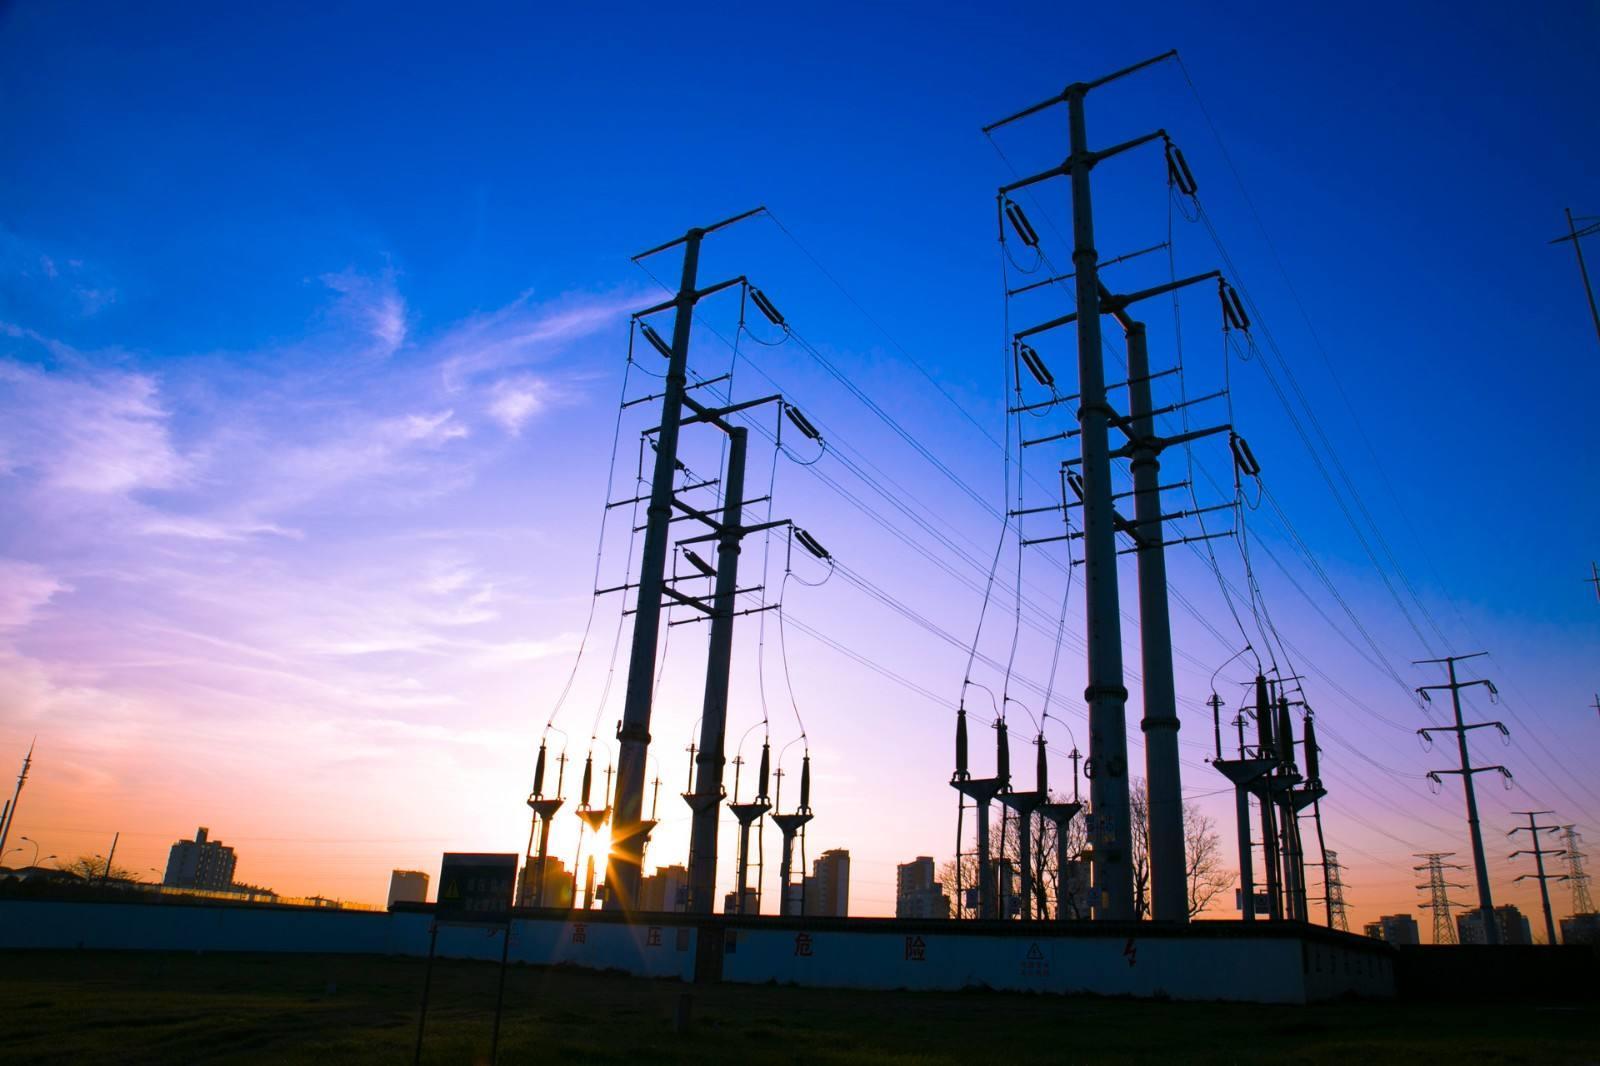 厦门电网今年首个投运的变电站工程送电